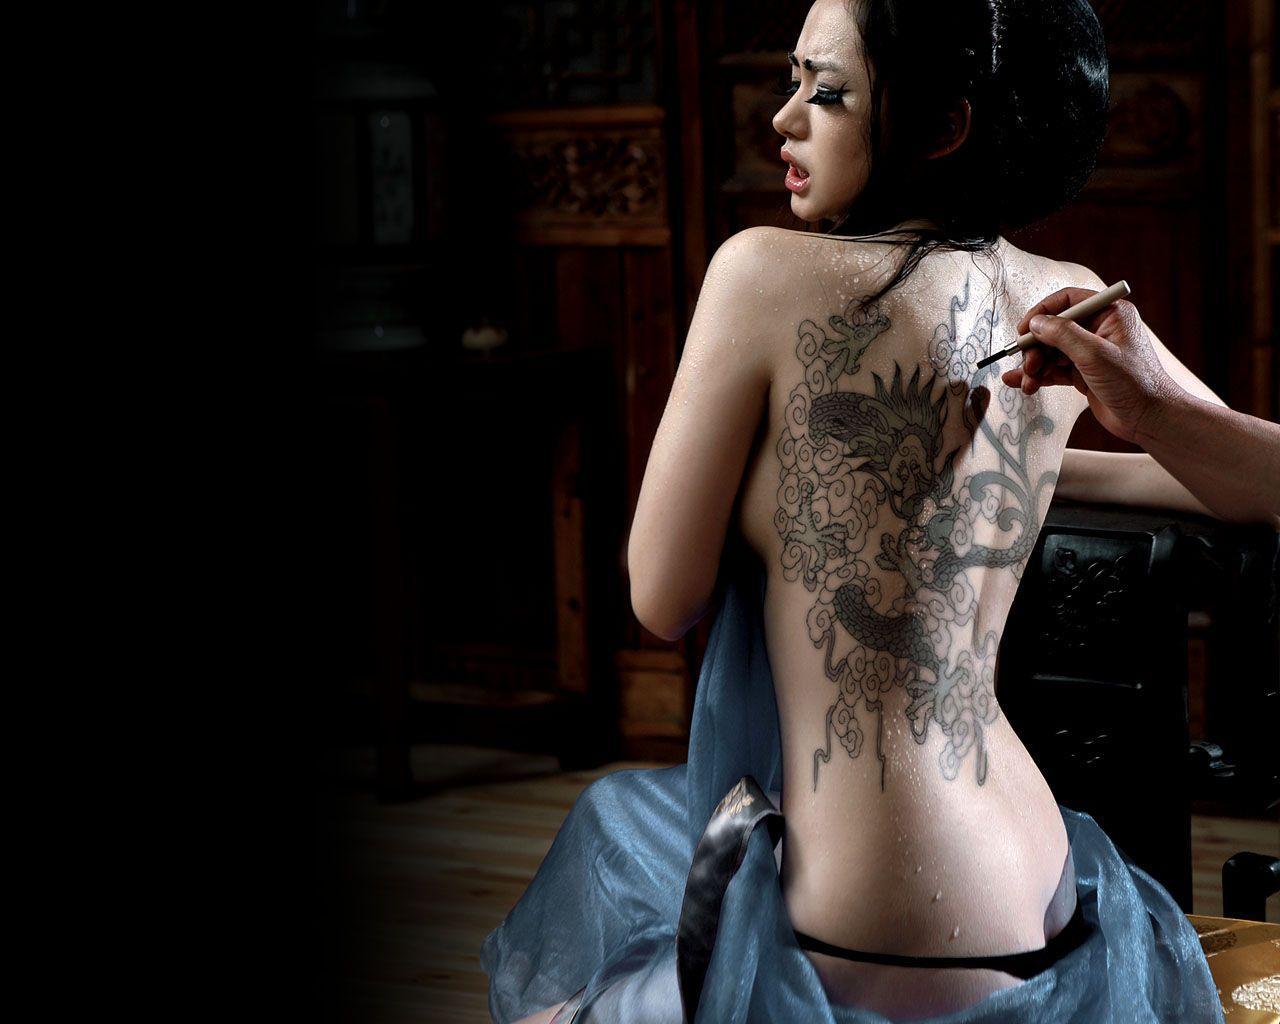 ... 薇在男人装里的纹身图片 1280x1024的 我邮箱4564560@qq.com